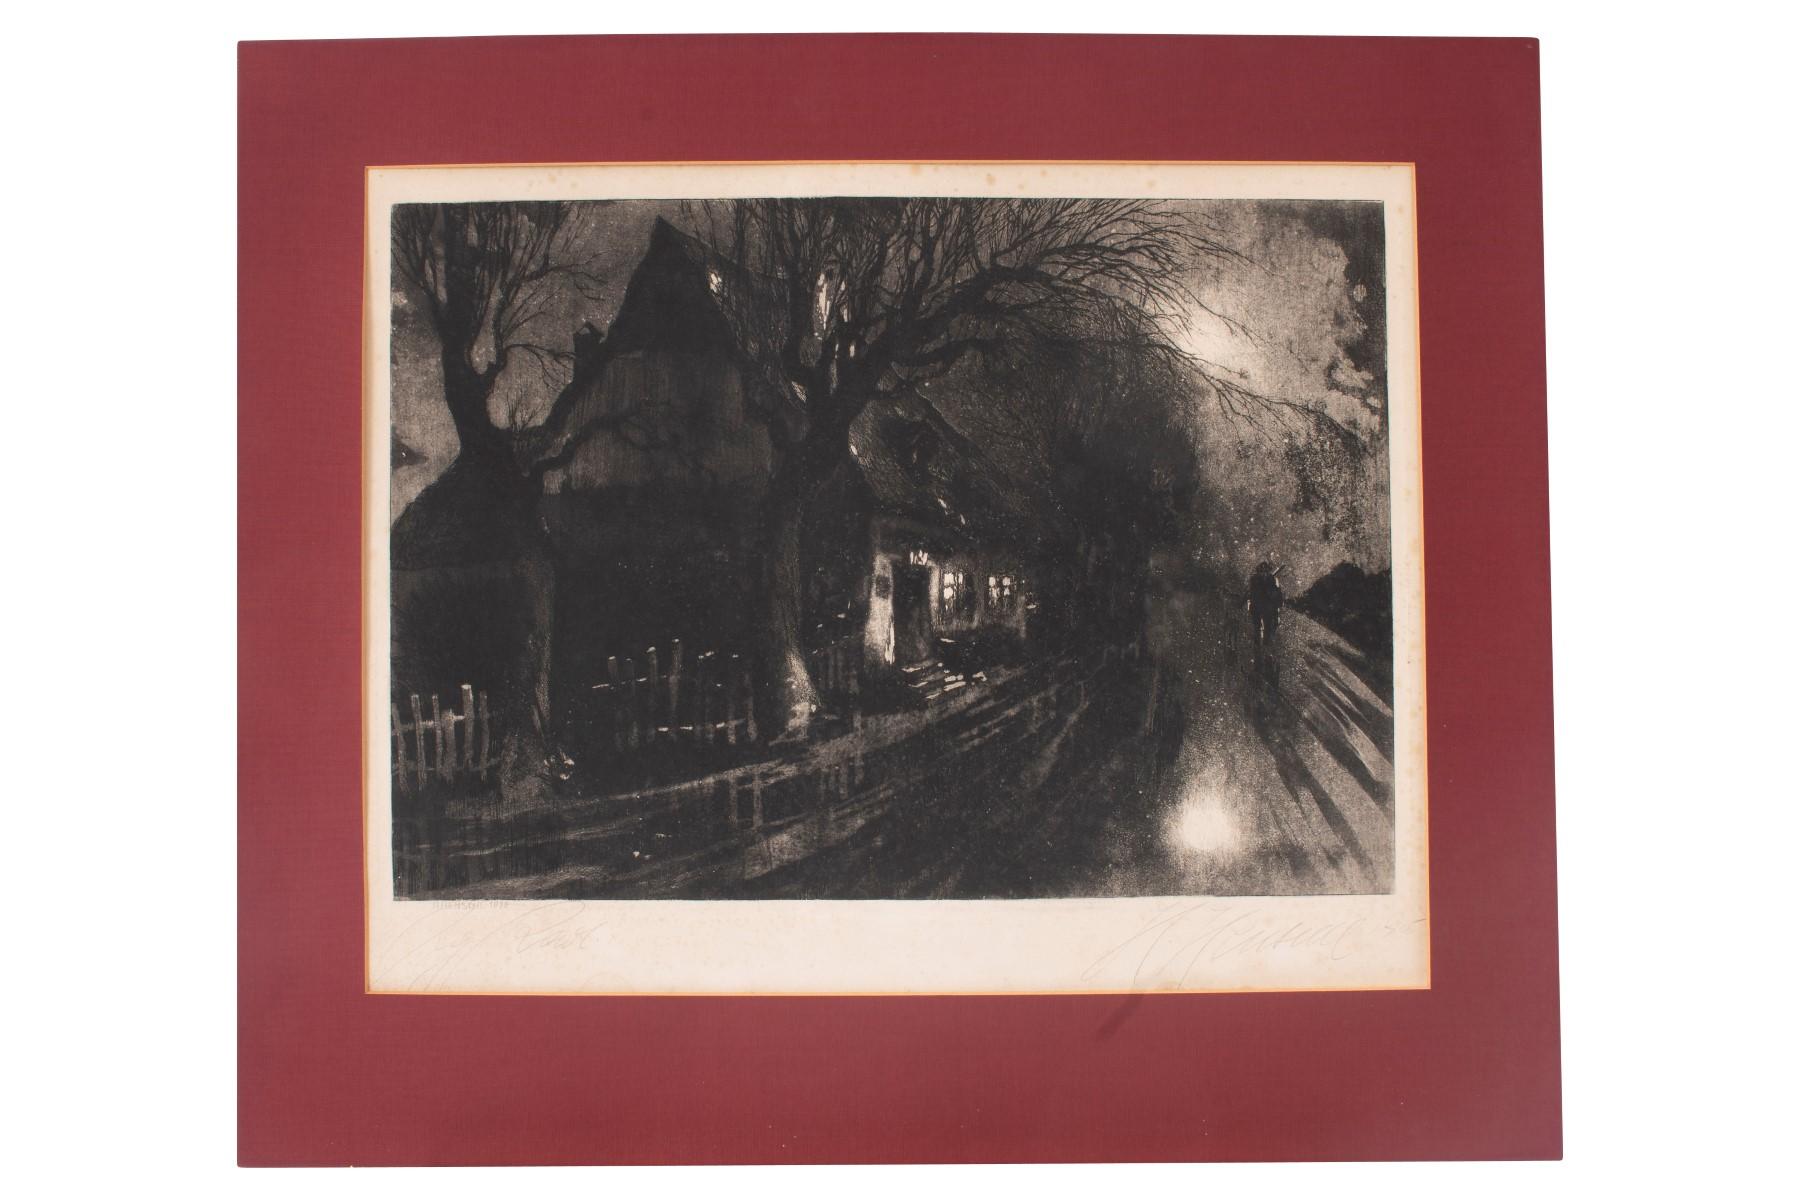 #46 Hugo Henschl (1879-1929), Night mood   Hugo Henschel (1879-1929), Nachtstimmung Image